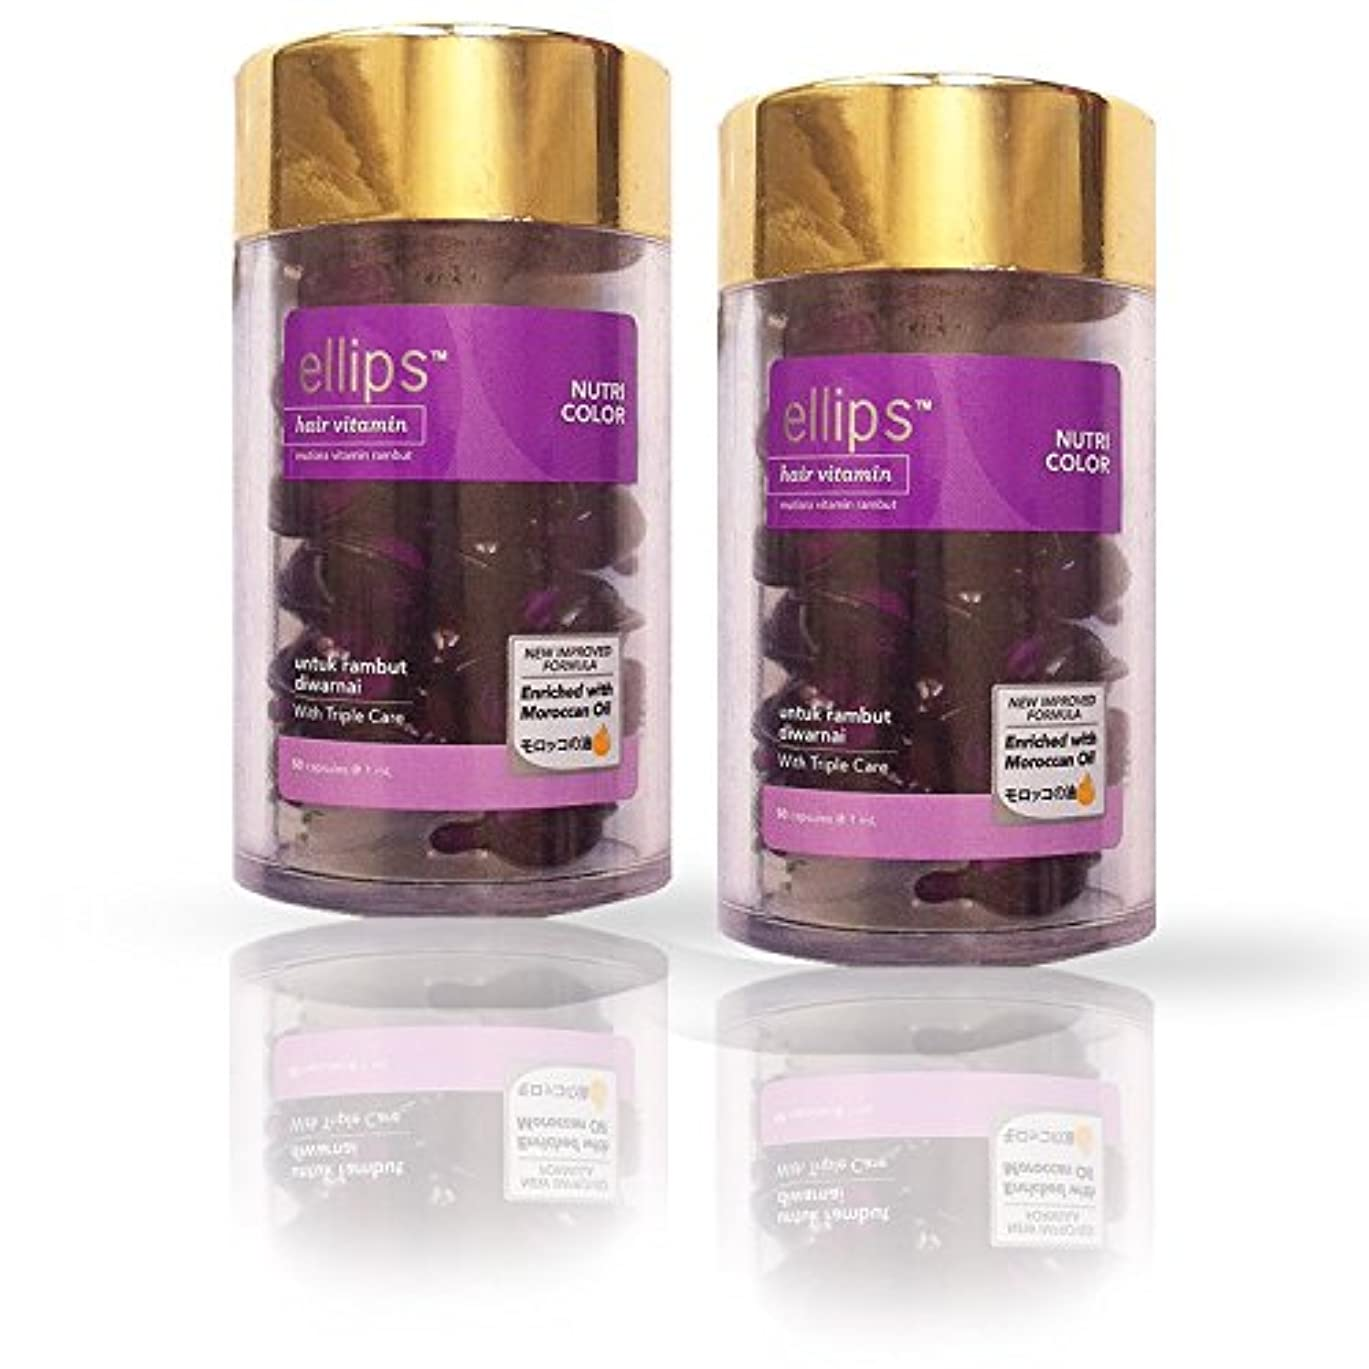 両方補充限界エリップス(ellips)ニュートリカラー(ミックスベリー&花の香り)ボトル 50粒×2個